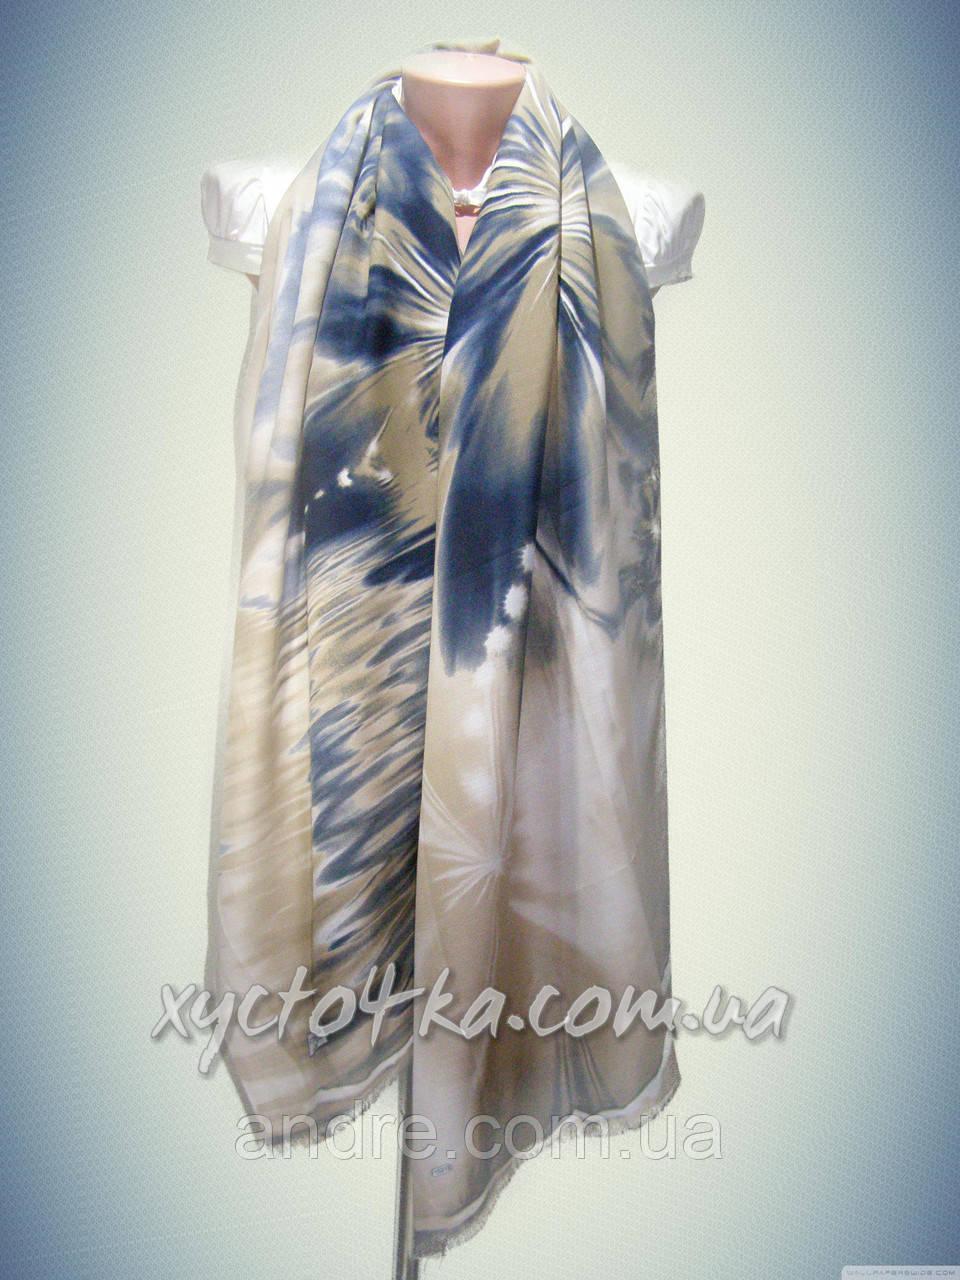 Турецкие шарфы палантины Течение, синий